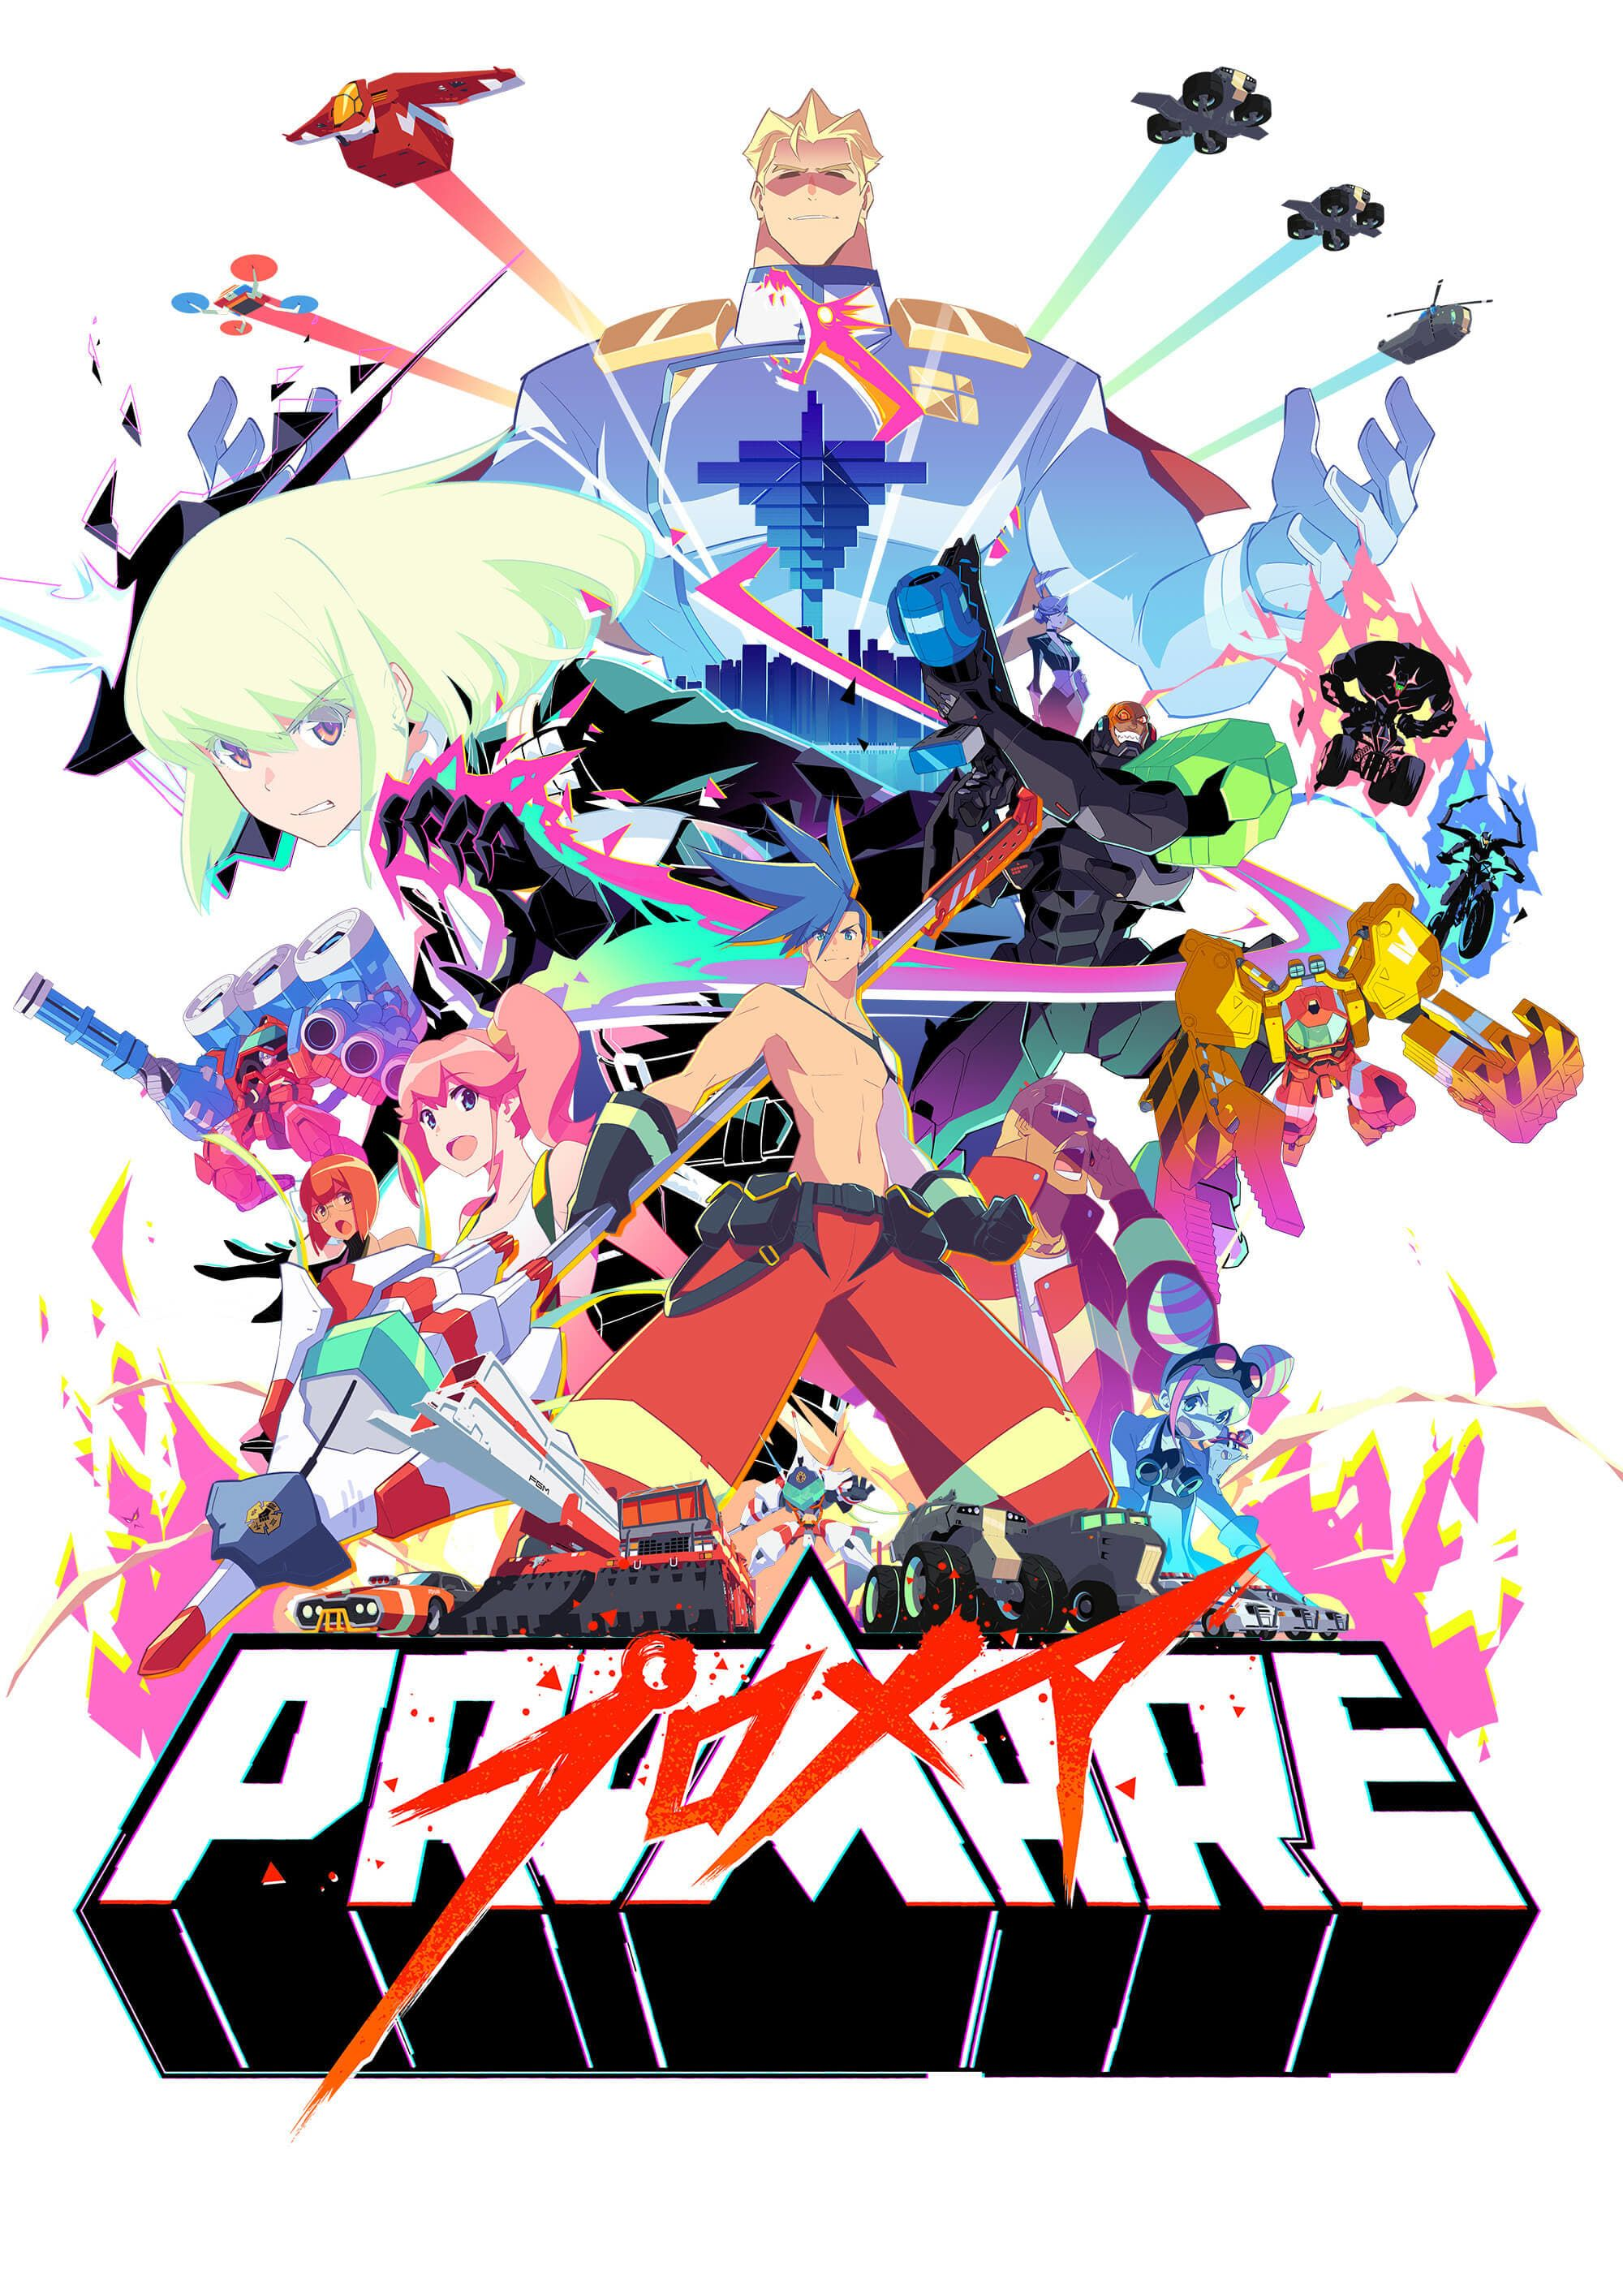 Promare Fullføre Film og Dubbet Anime films, Anime